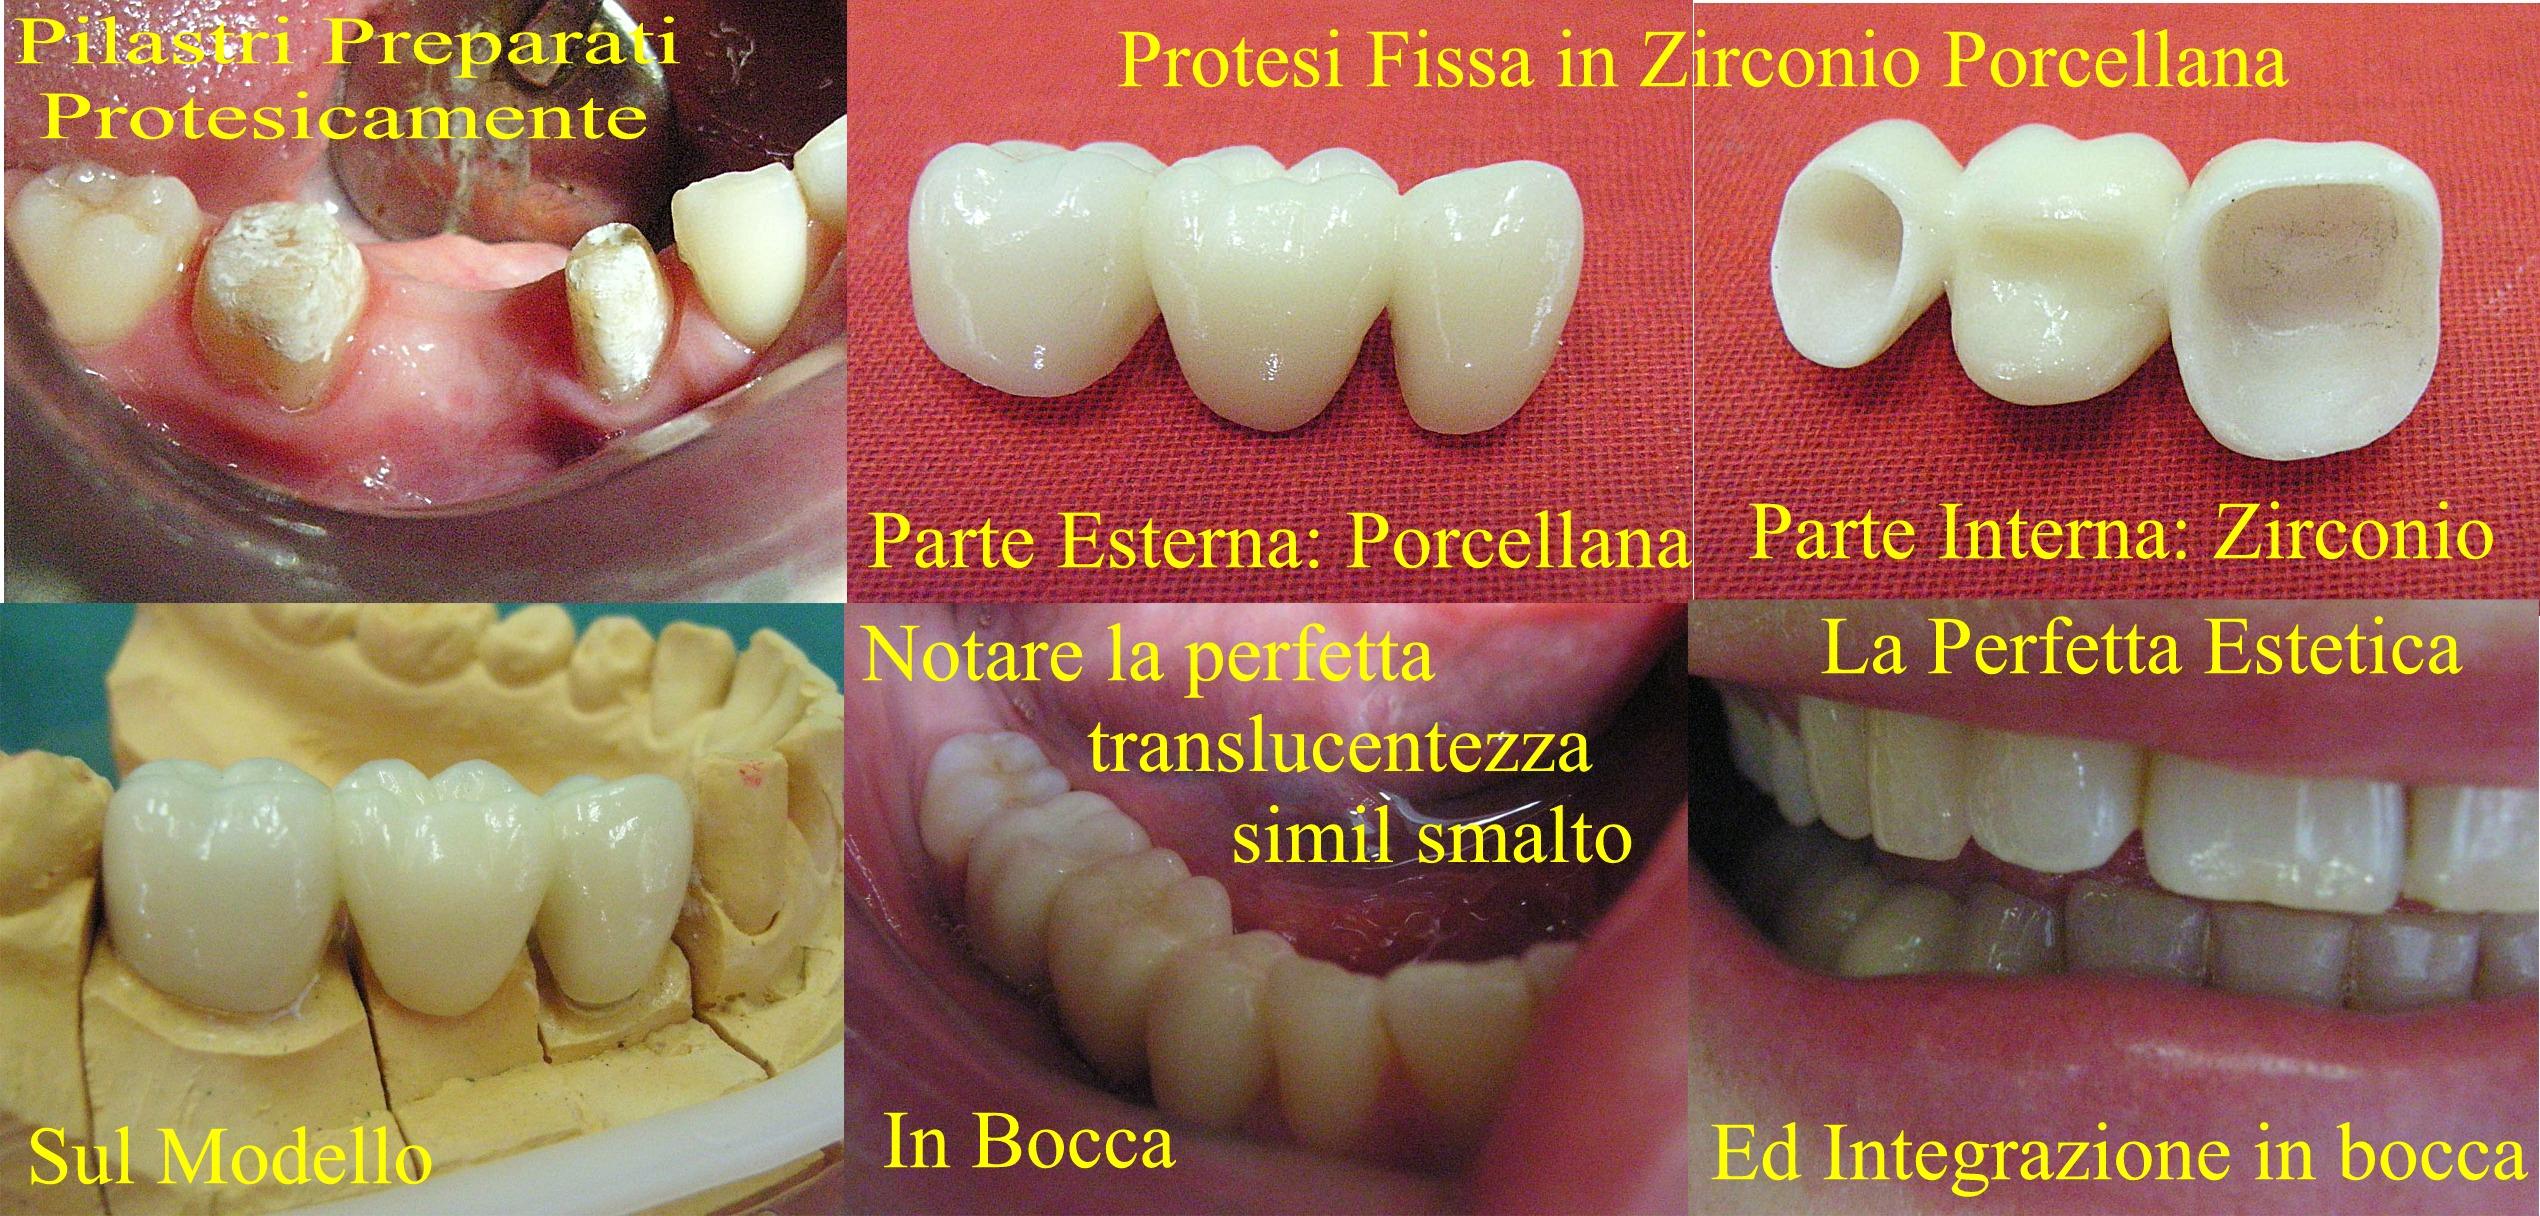 Zirconioporcellana. Da casistica della Dr.ssa Claudia Petti di Cagliari